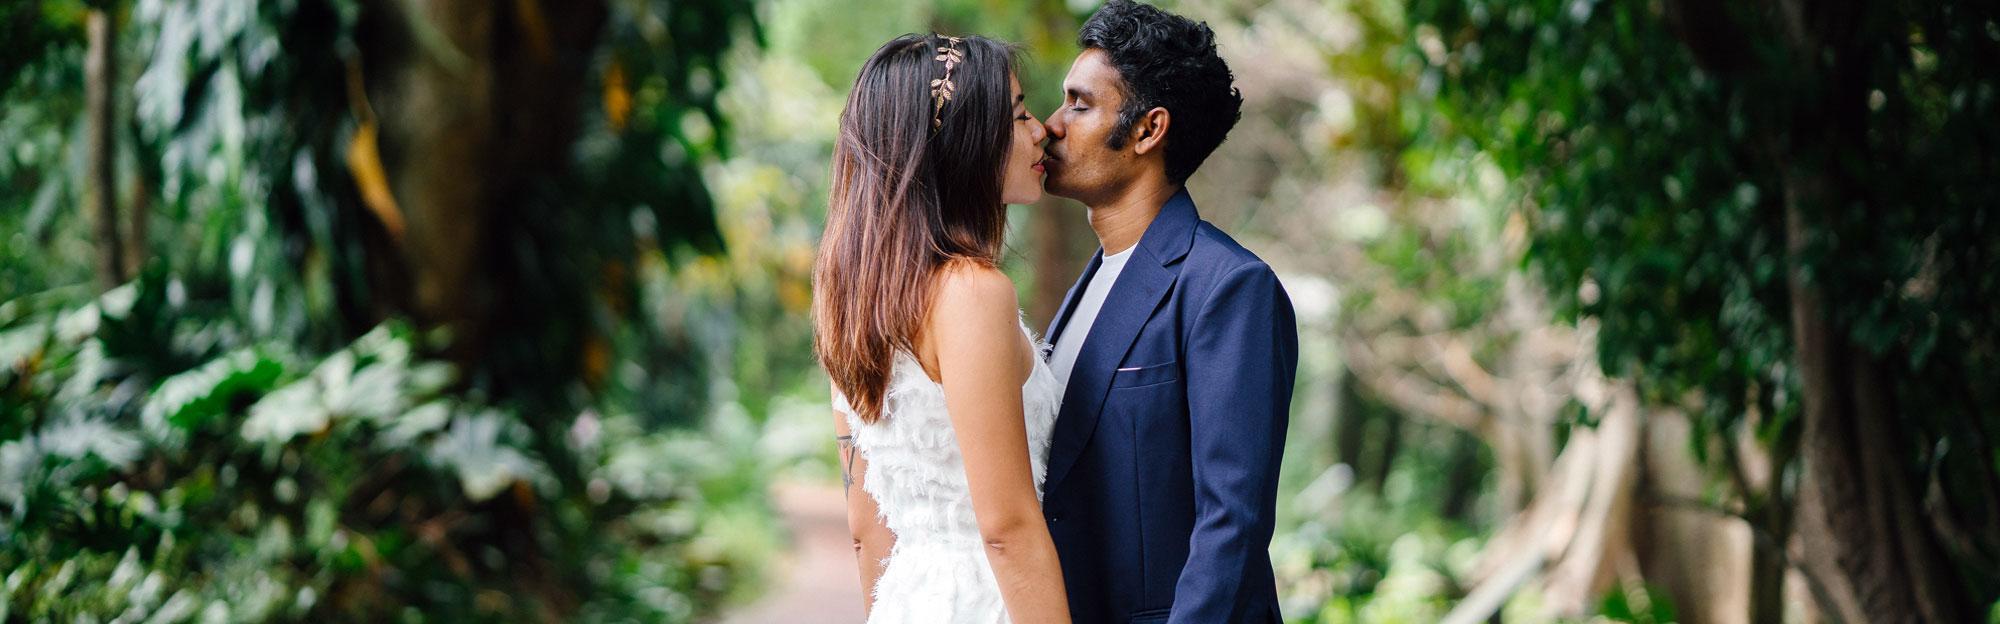 Mariage Réunion un couple metisse dans un jardin exotique.